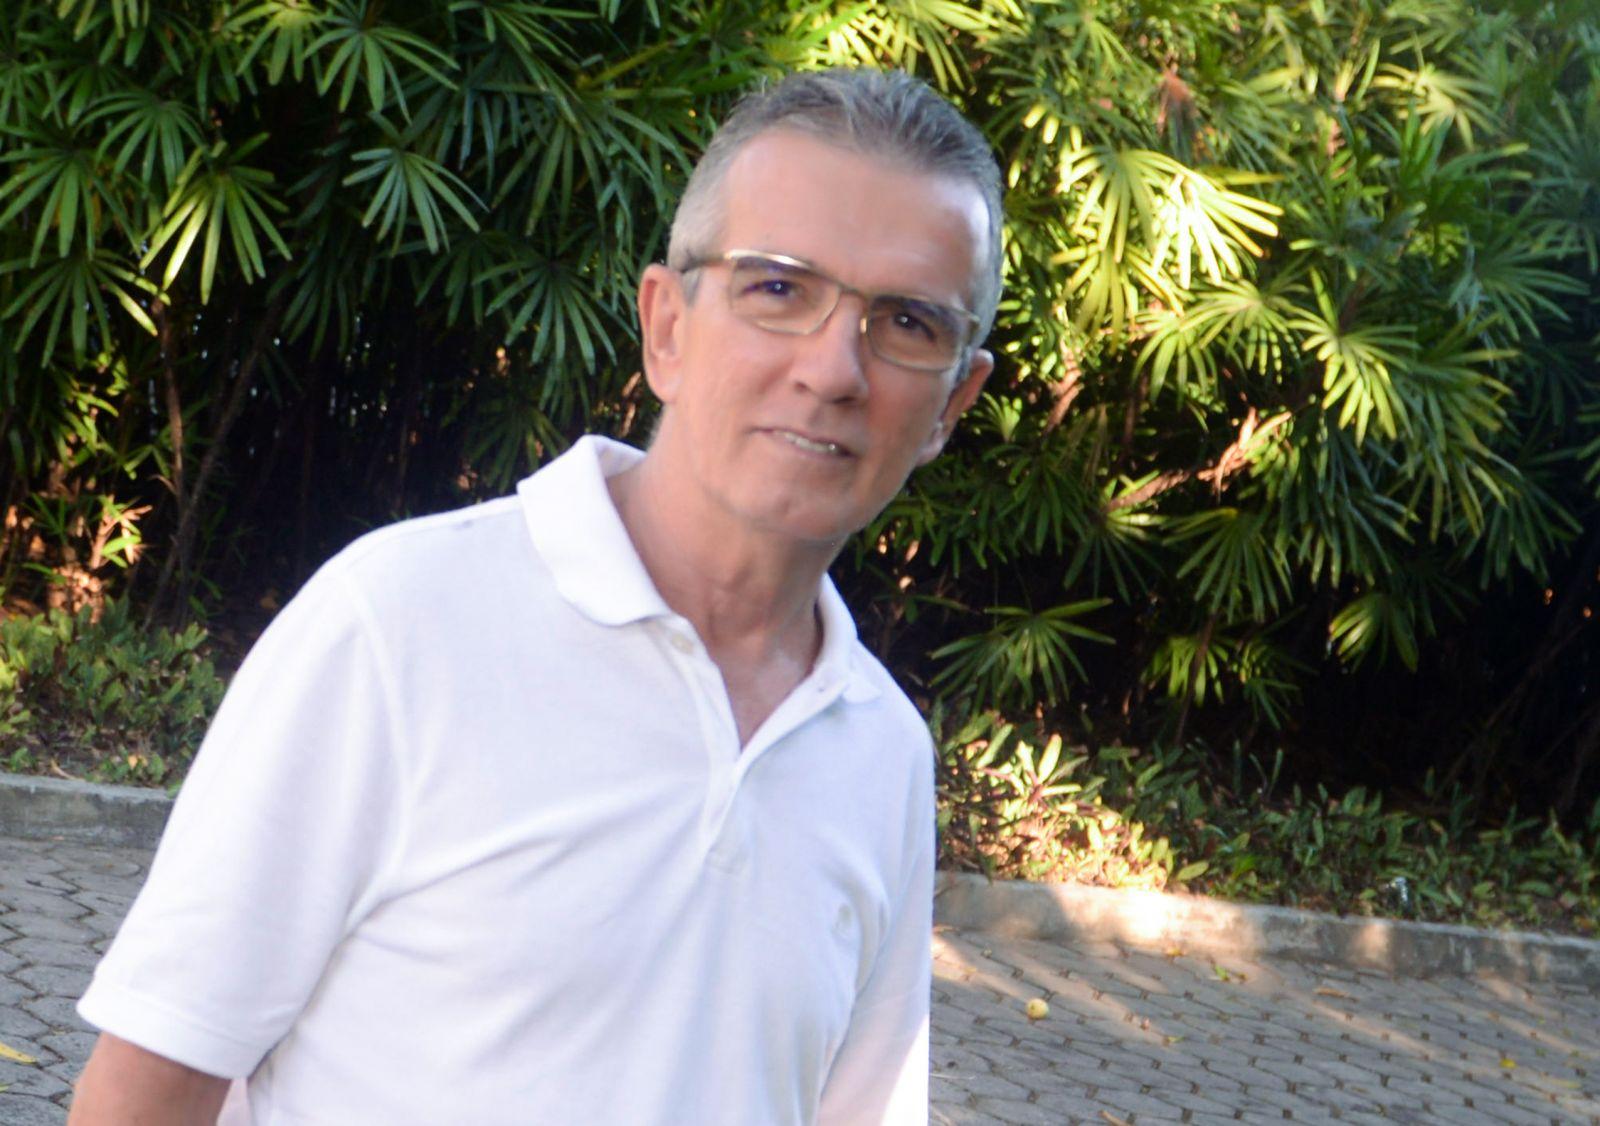 Dr. Marco Aurélio Maia cirurgião dentista, é o destaque odontológico de hoje dia 30 de abril.Ver mais...